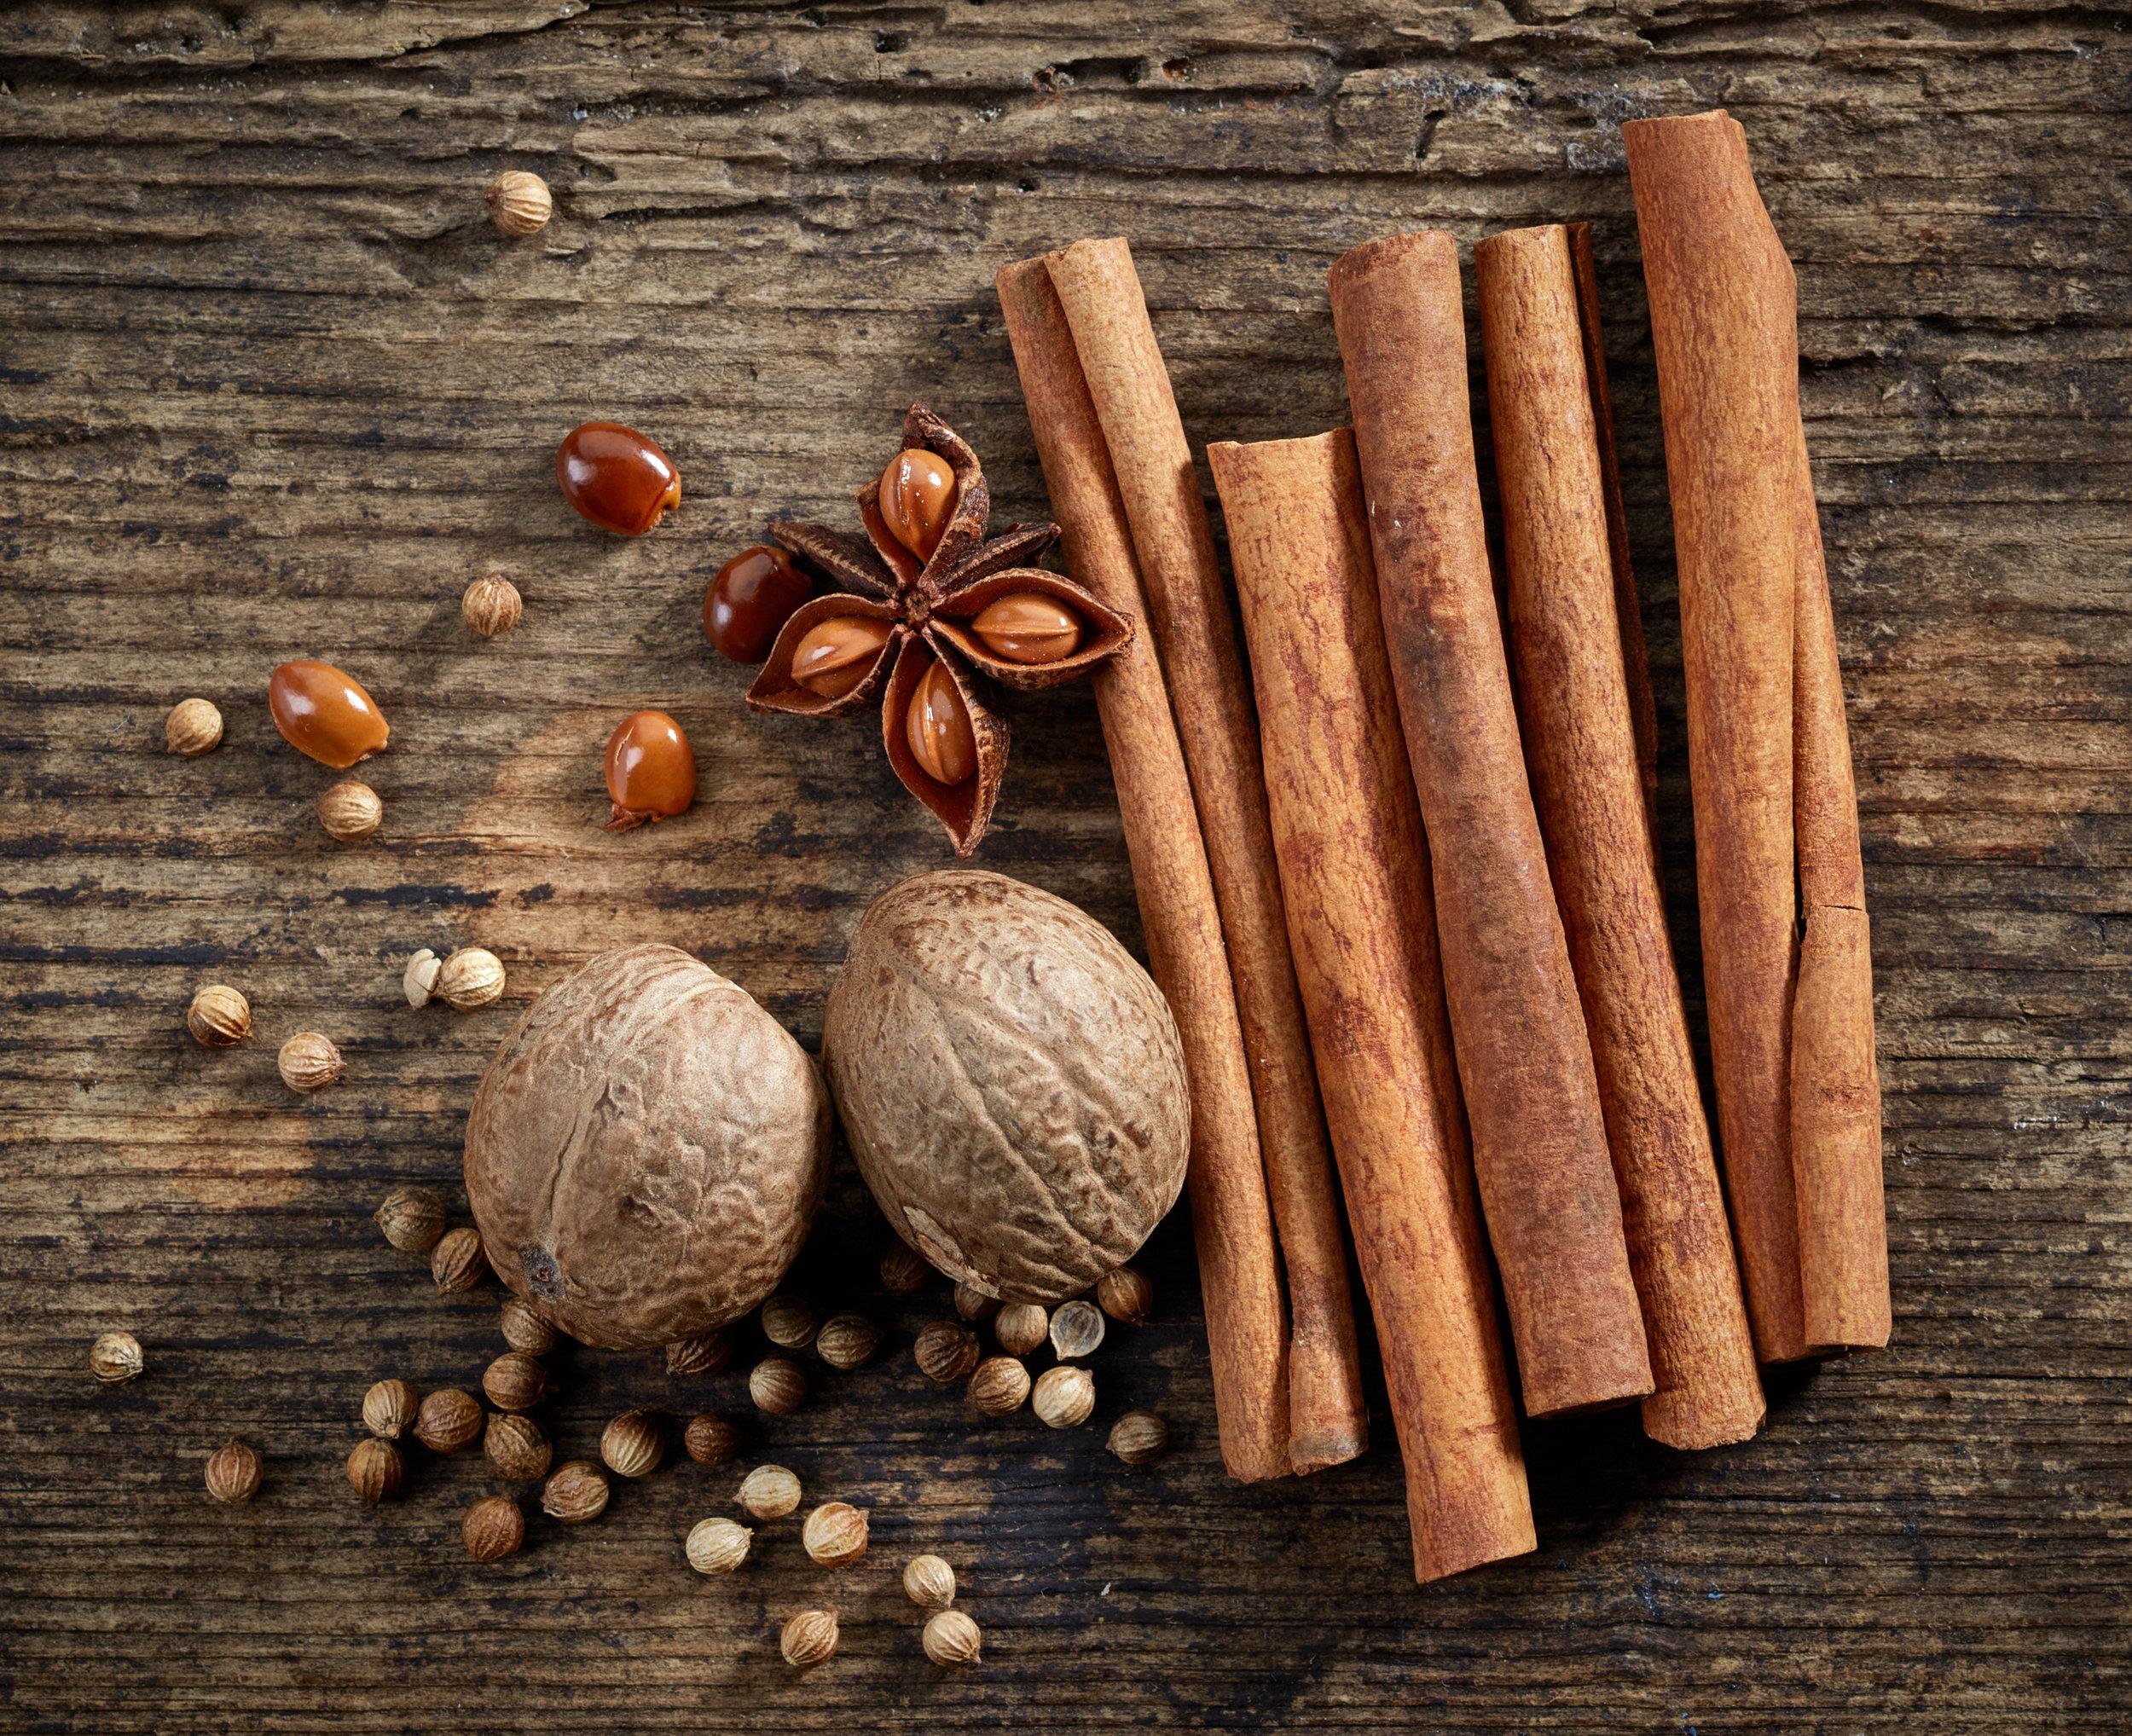 various-spices-PY74QNB.jpg